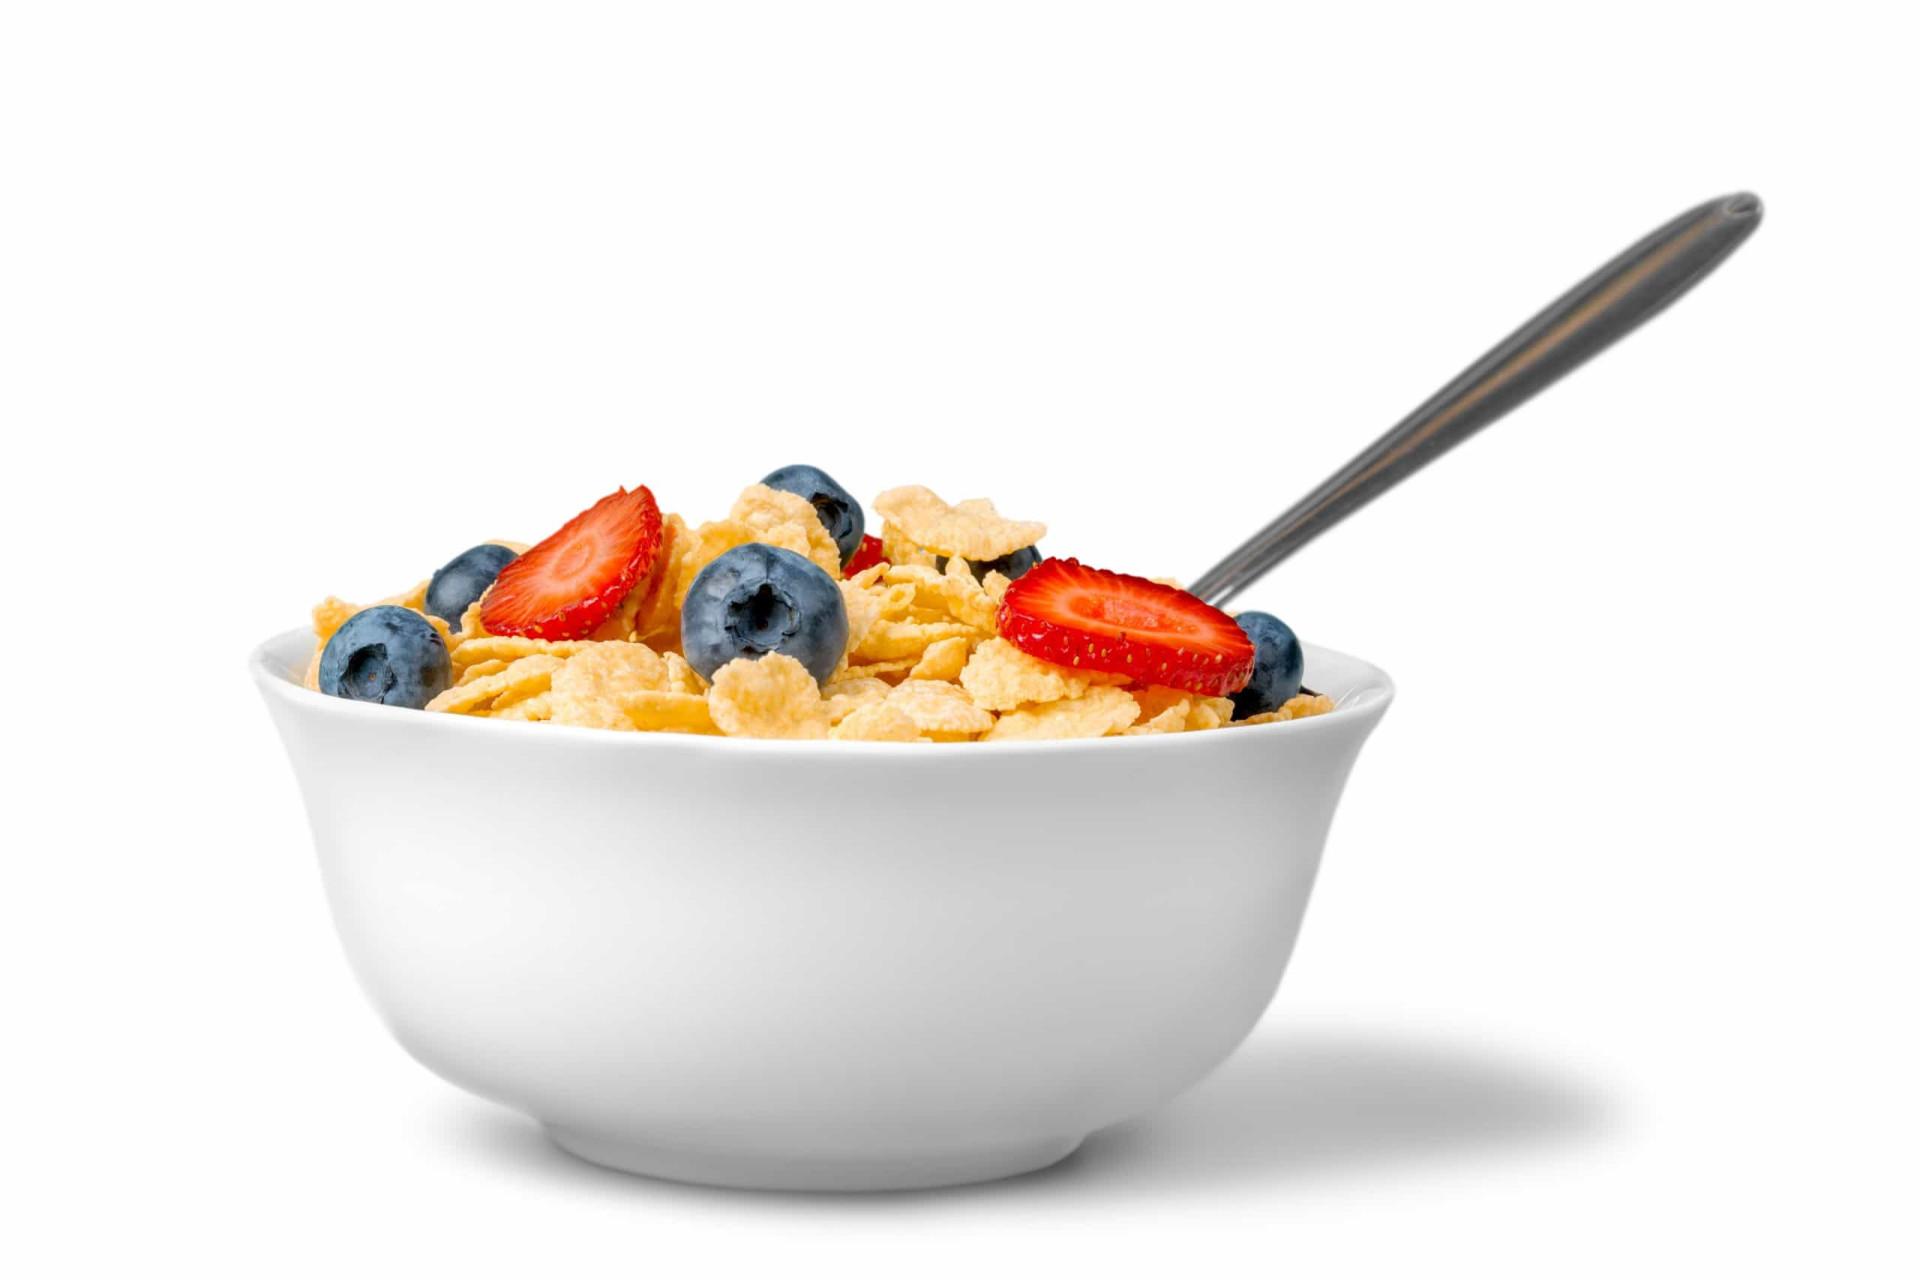 Os aperitivos mais saudáveis para comer à meia-noite